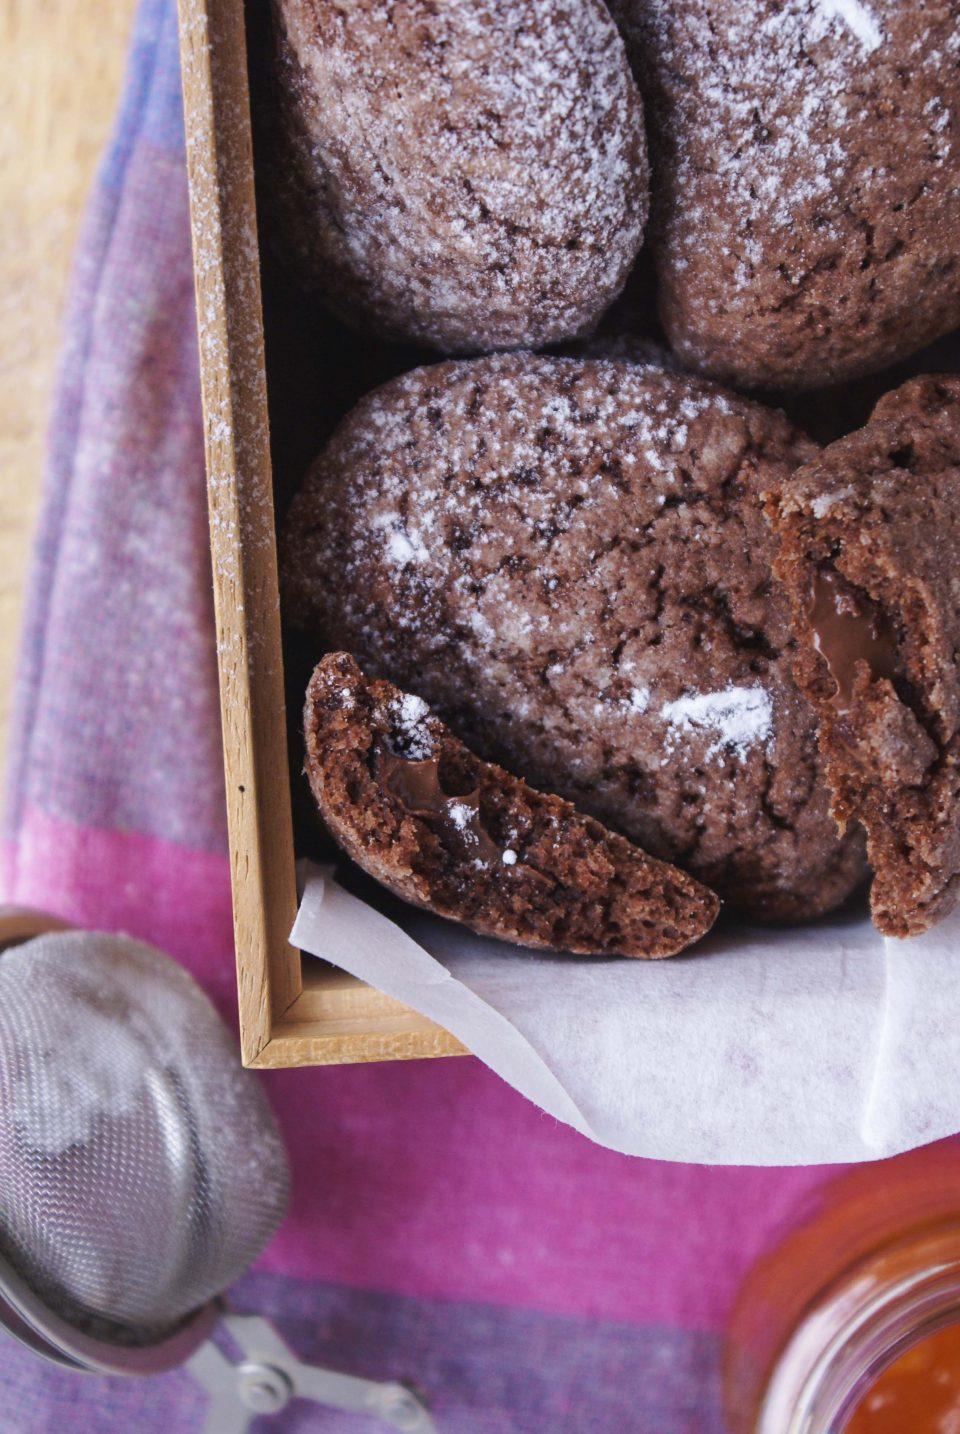 Biscotti alla Nutella ripieni con zucchero a velo